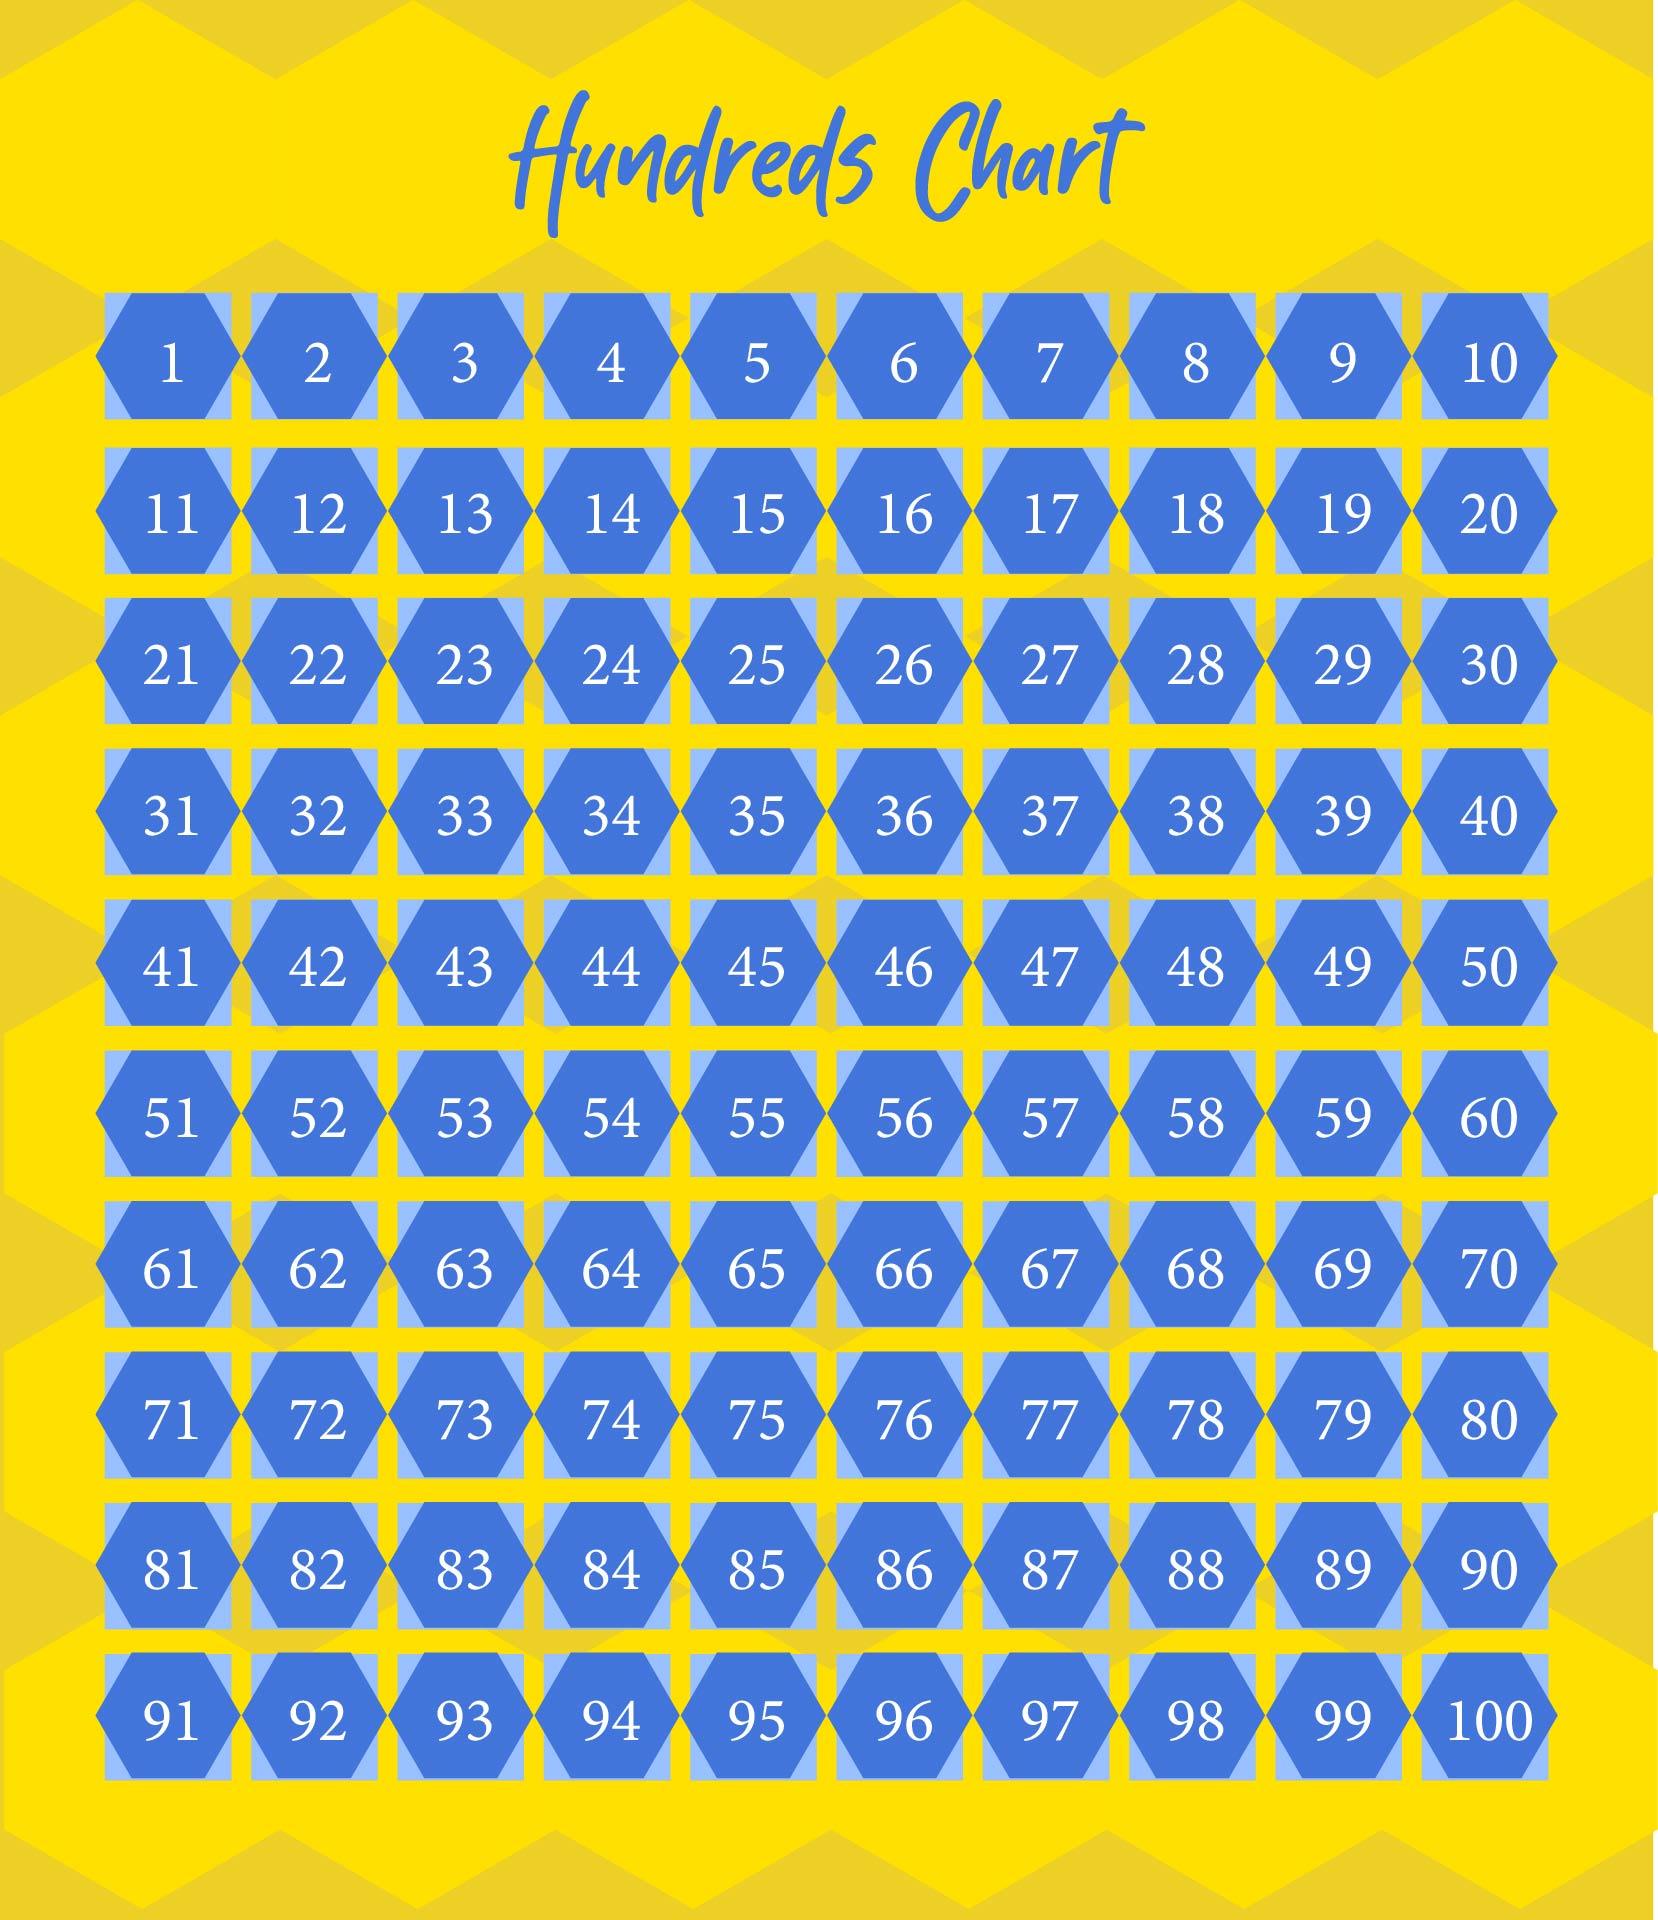 Hundreds Chart Printable PDF